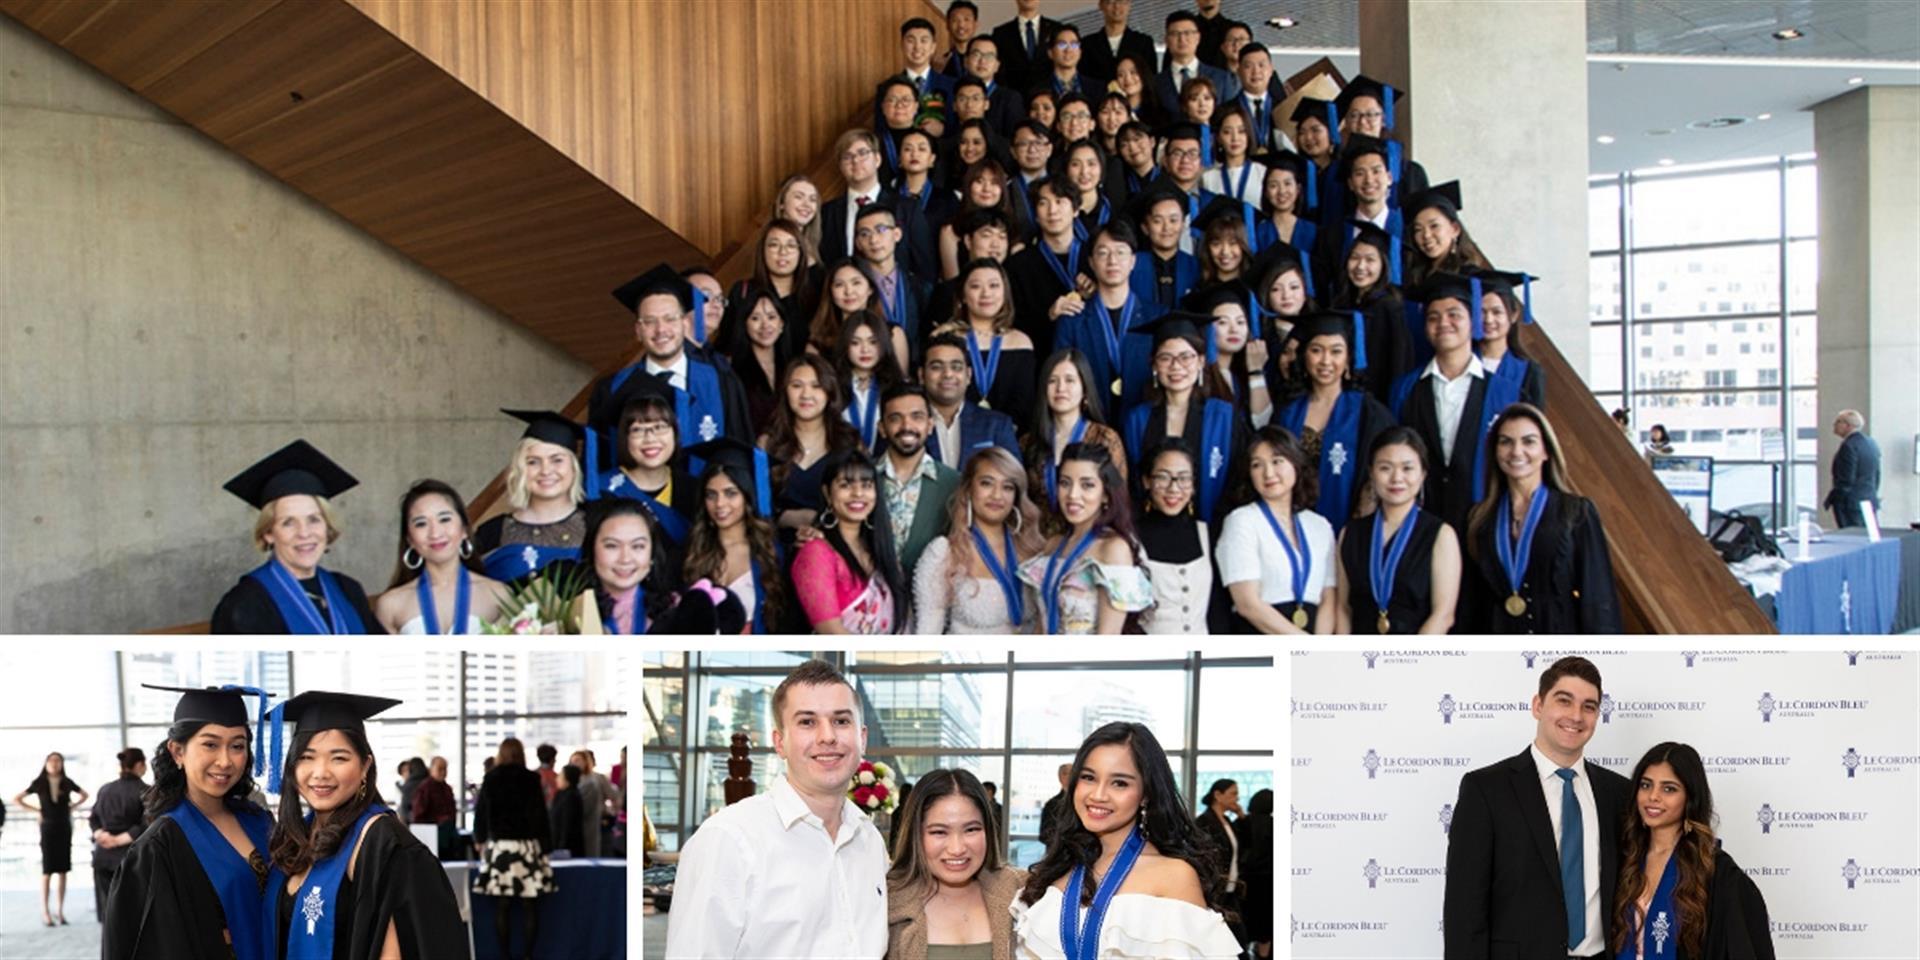 Le Cordon Bleu Sydney graduation